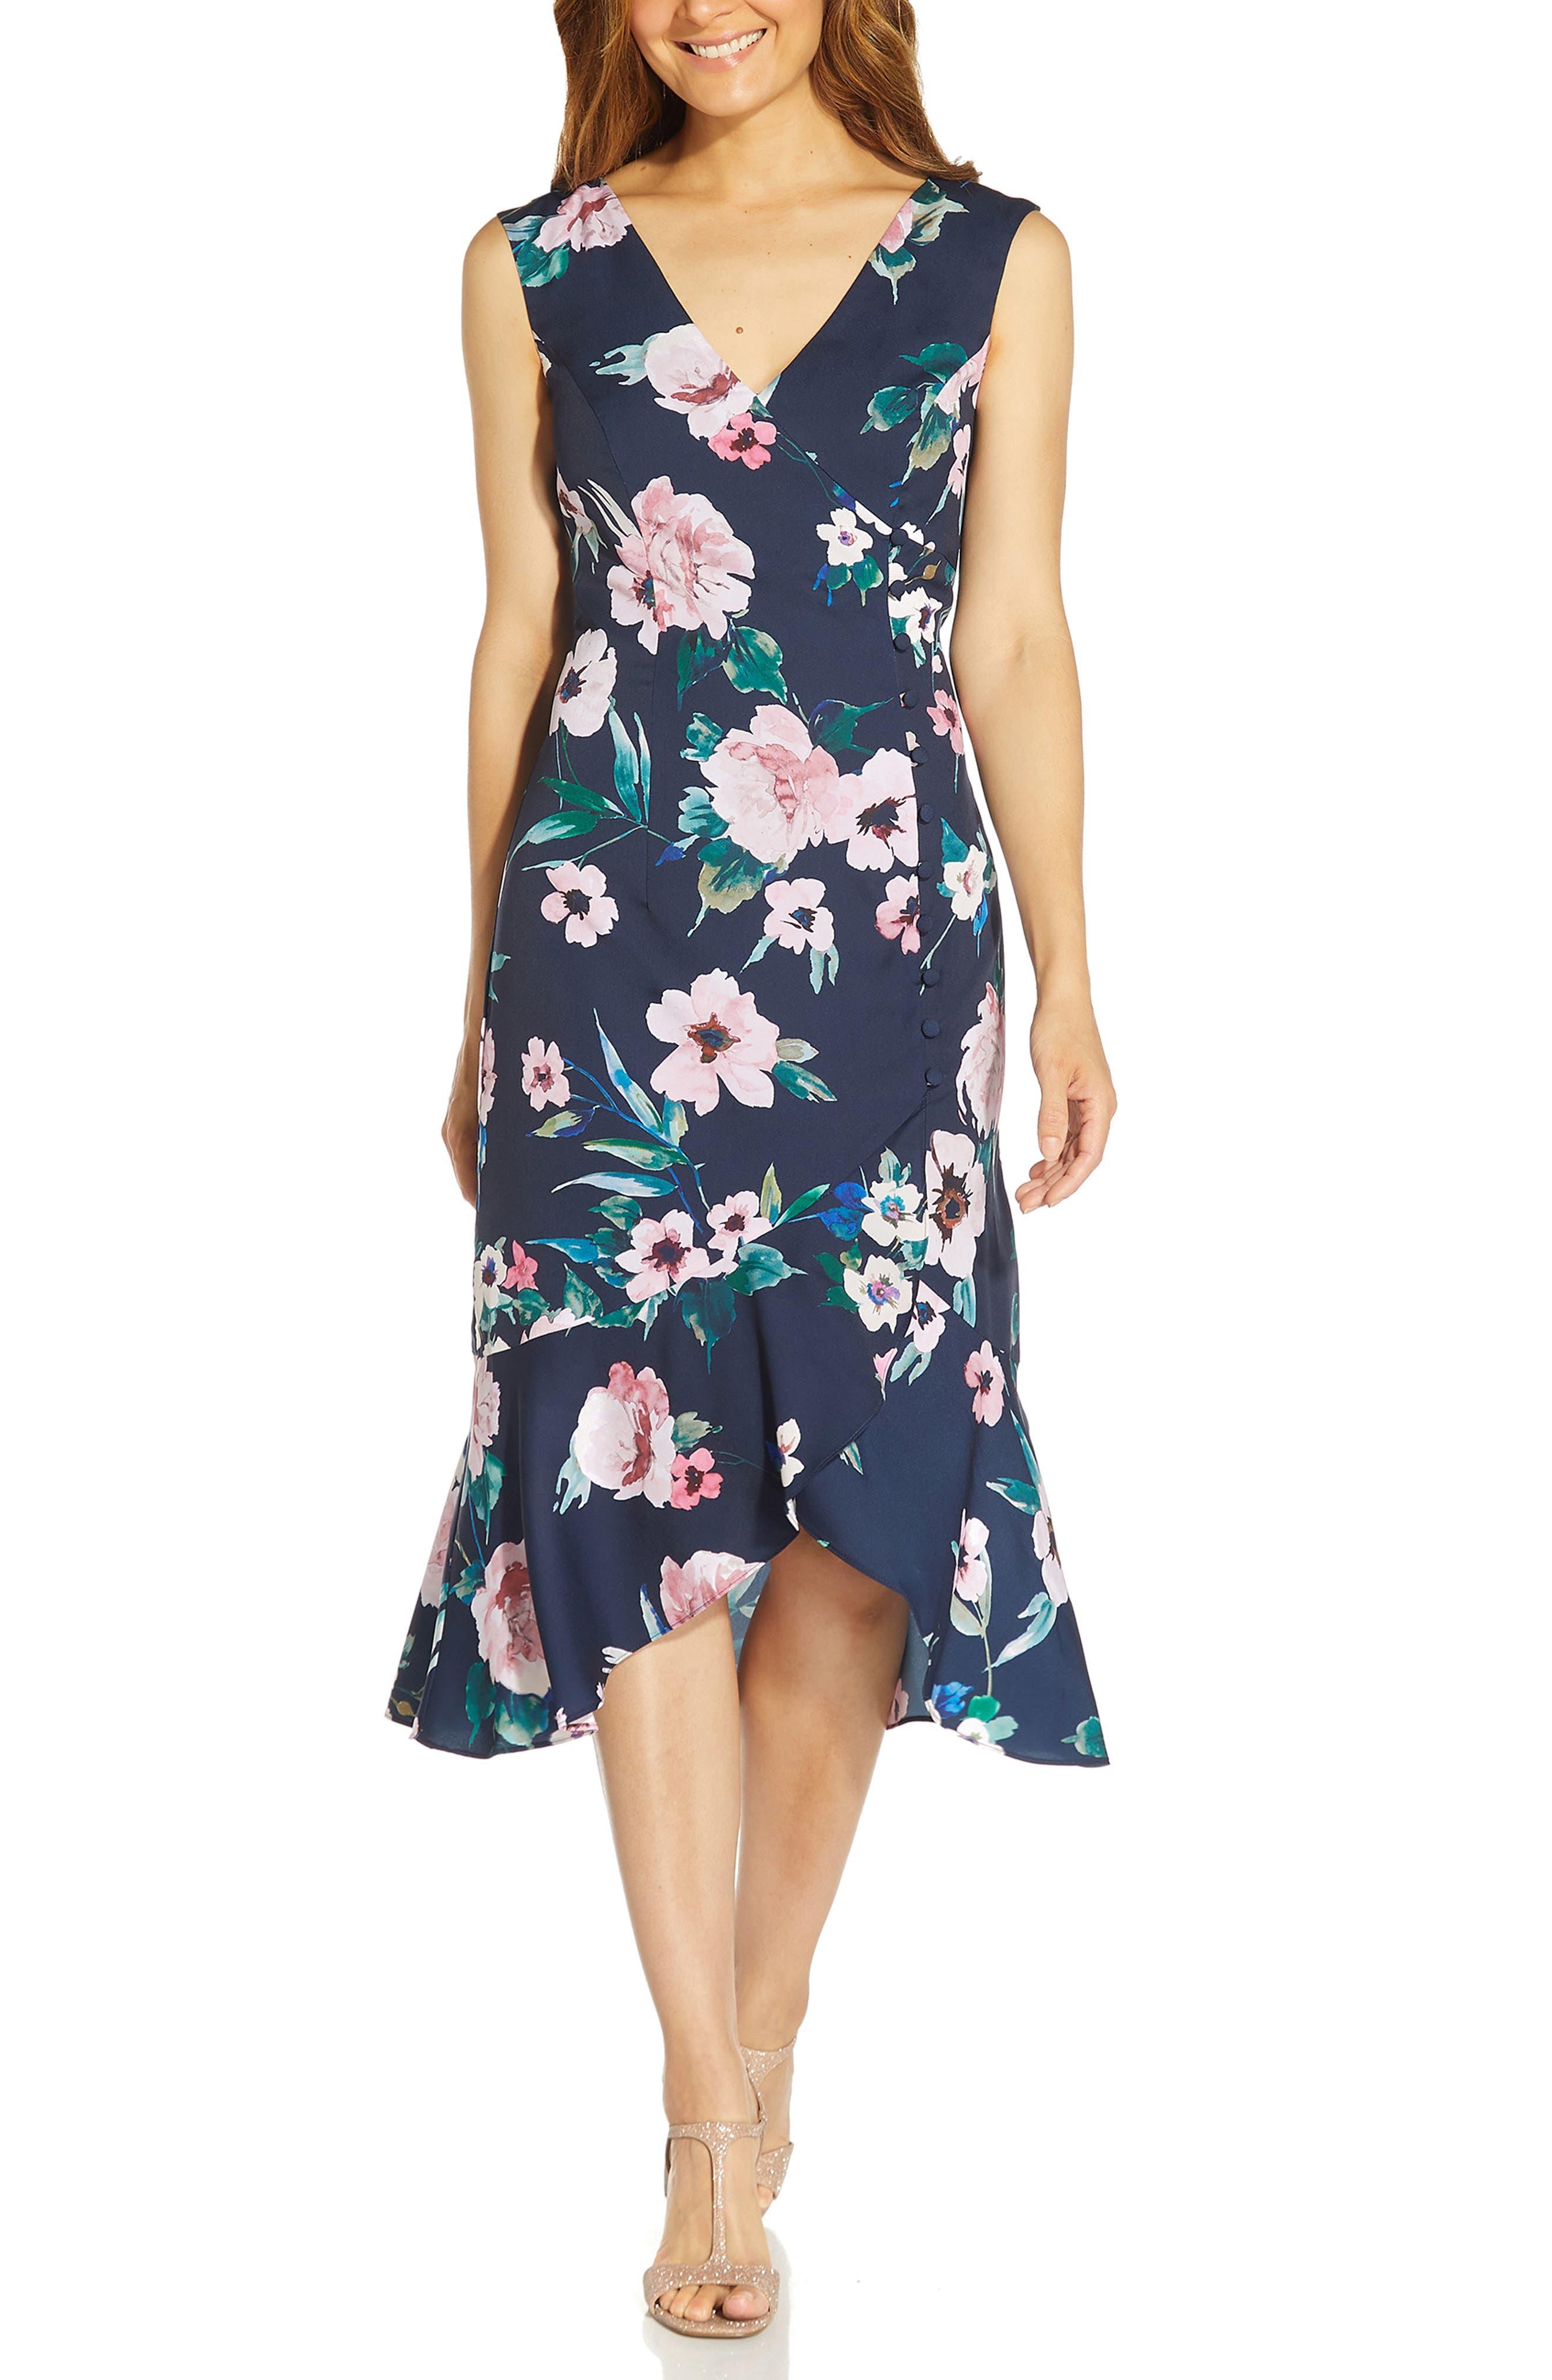 Floral Print Ruffle Midi Dress